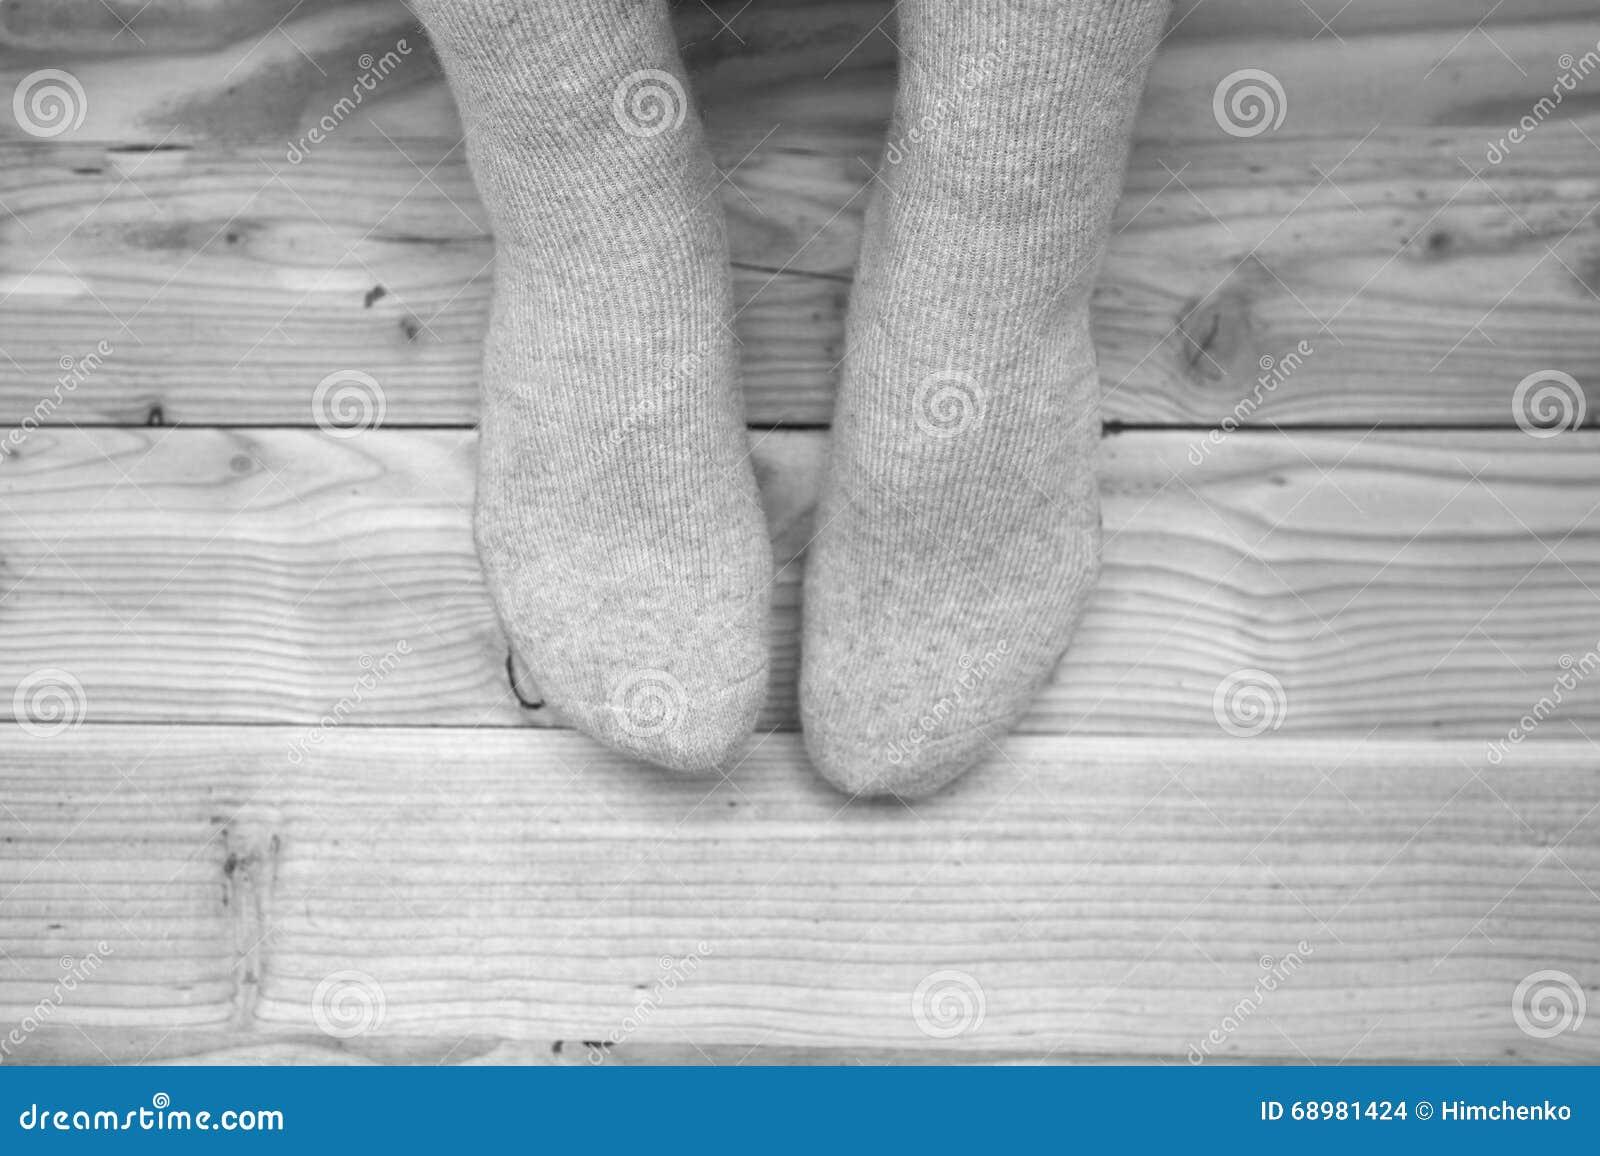 Piernas femeninas en calcetines de lana